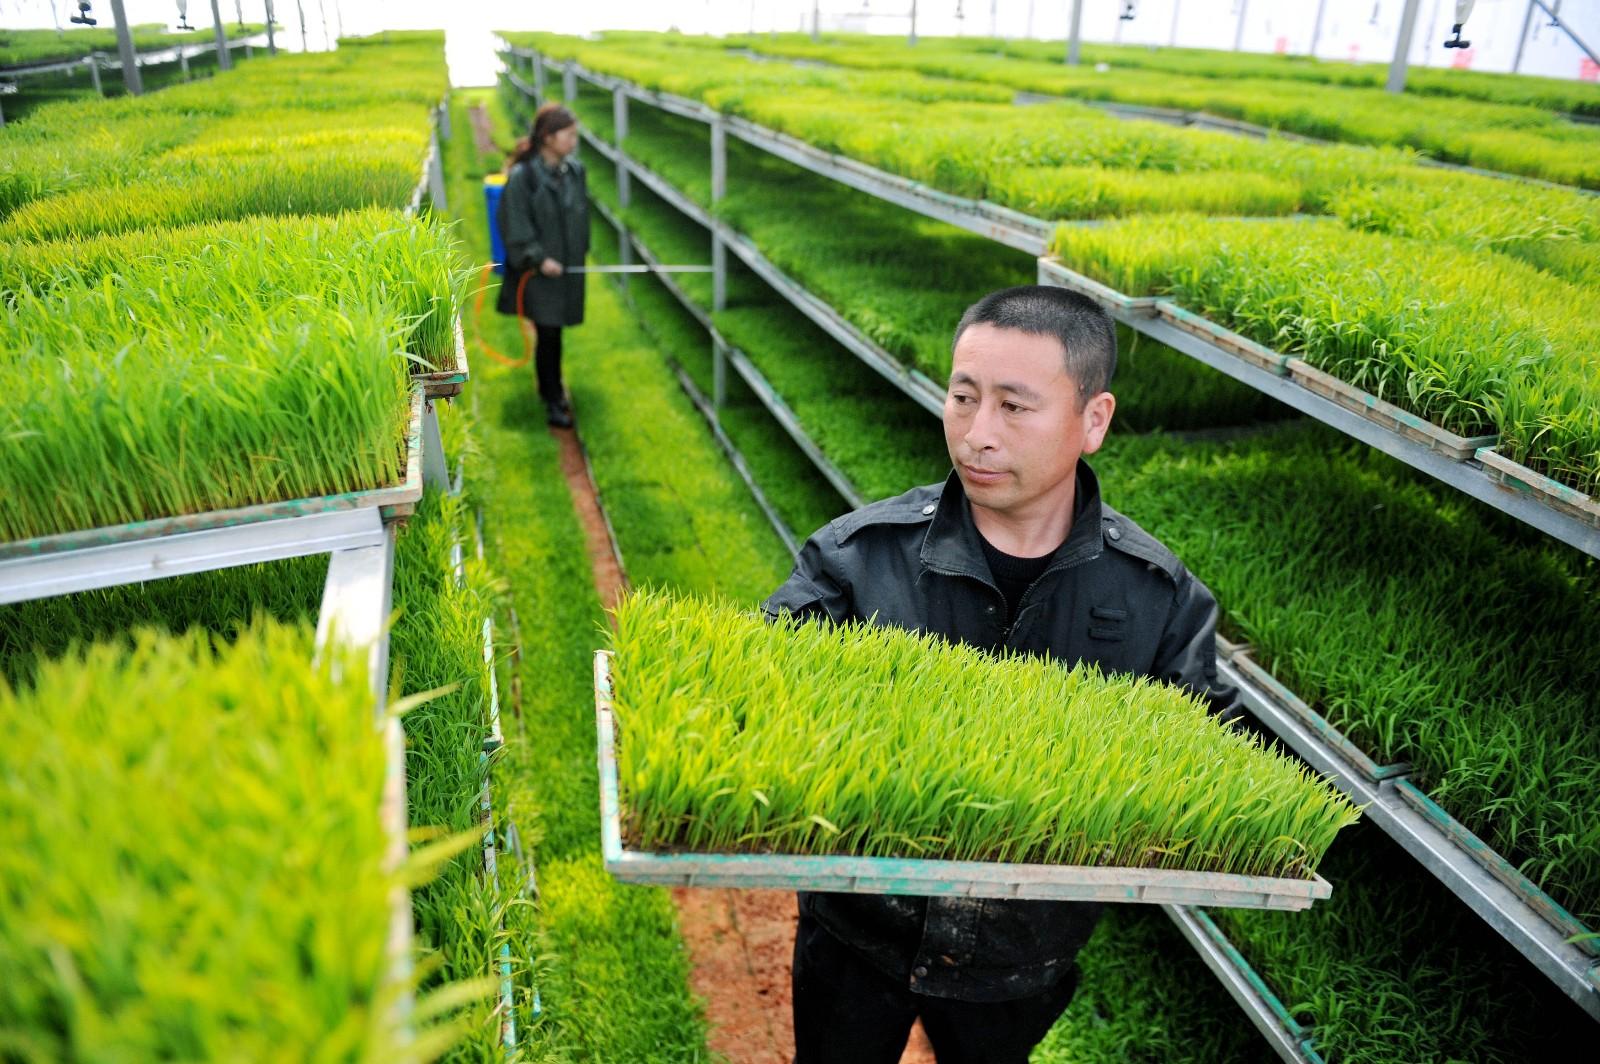 农业生态环境恶化 旧污未去新污又来